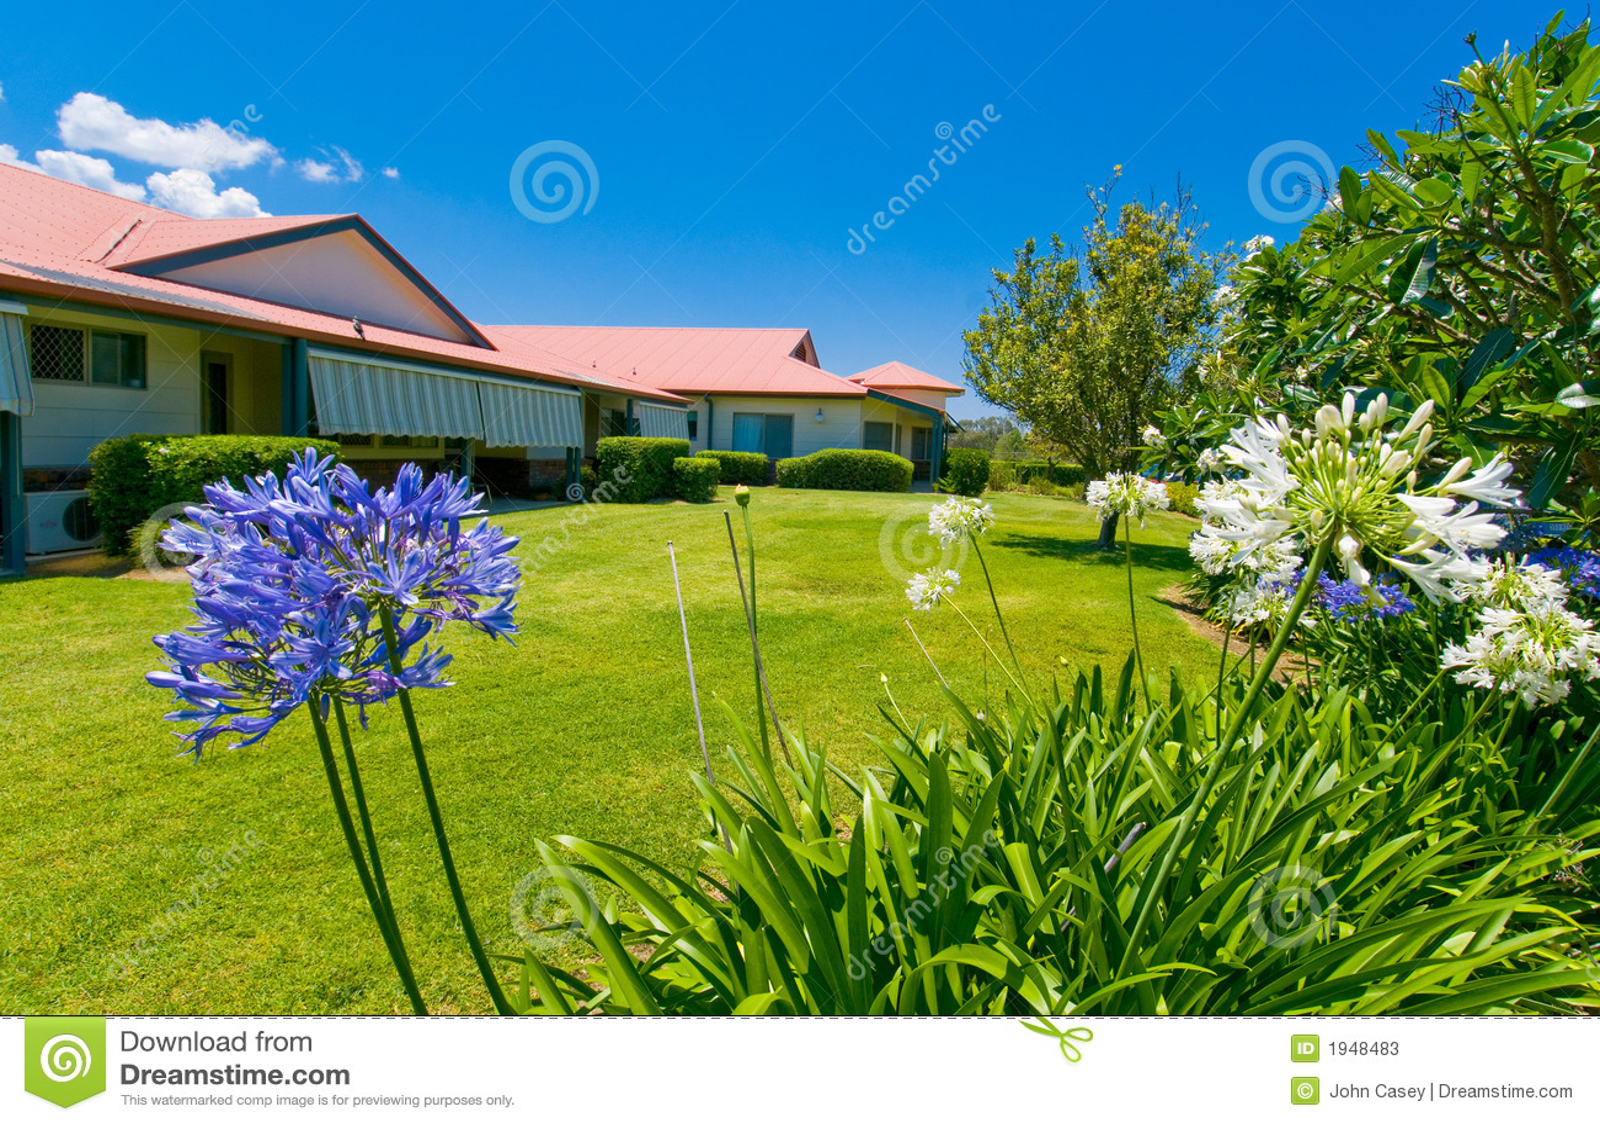 Jardines hermosos en la parte posterior de la casa fotos - Casas con jardines bonitos ...